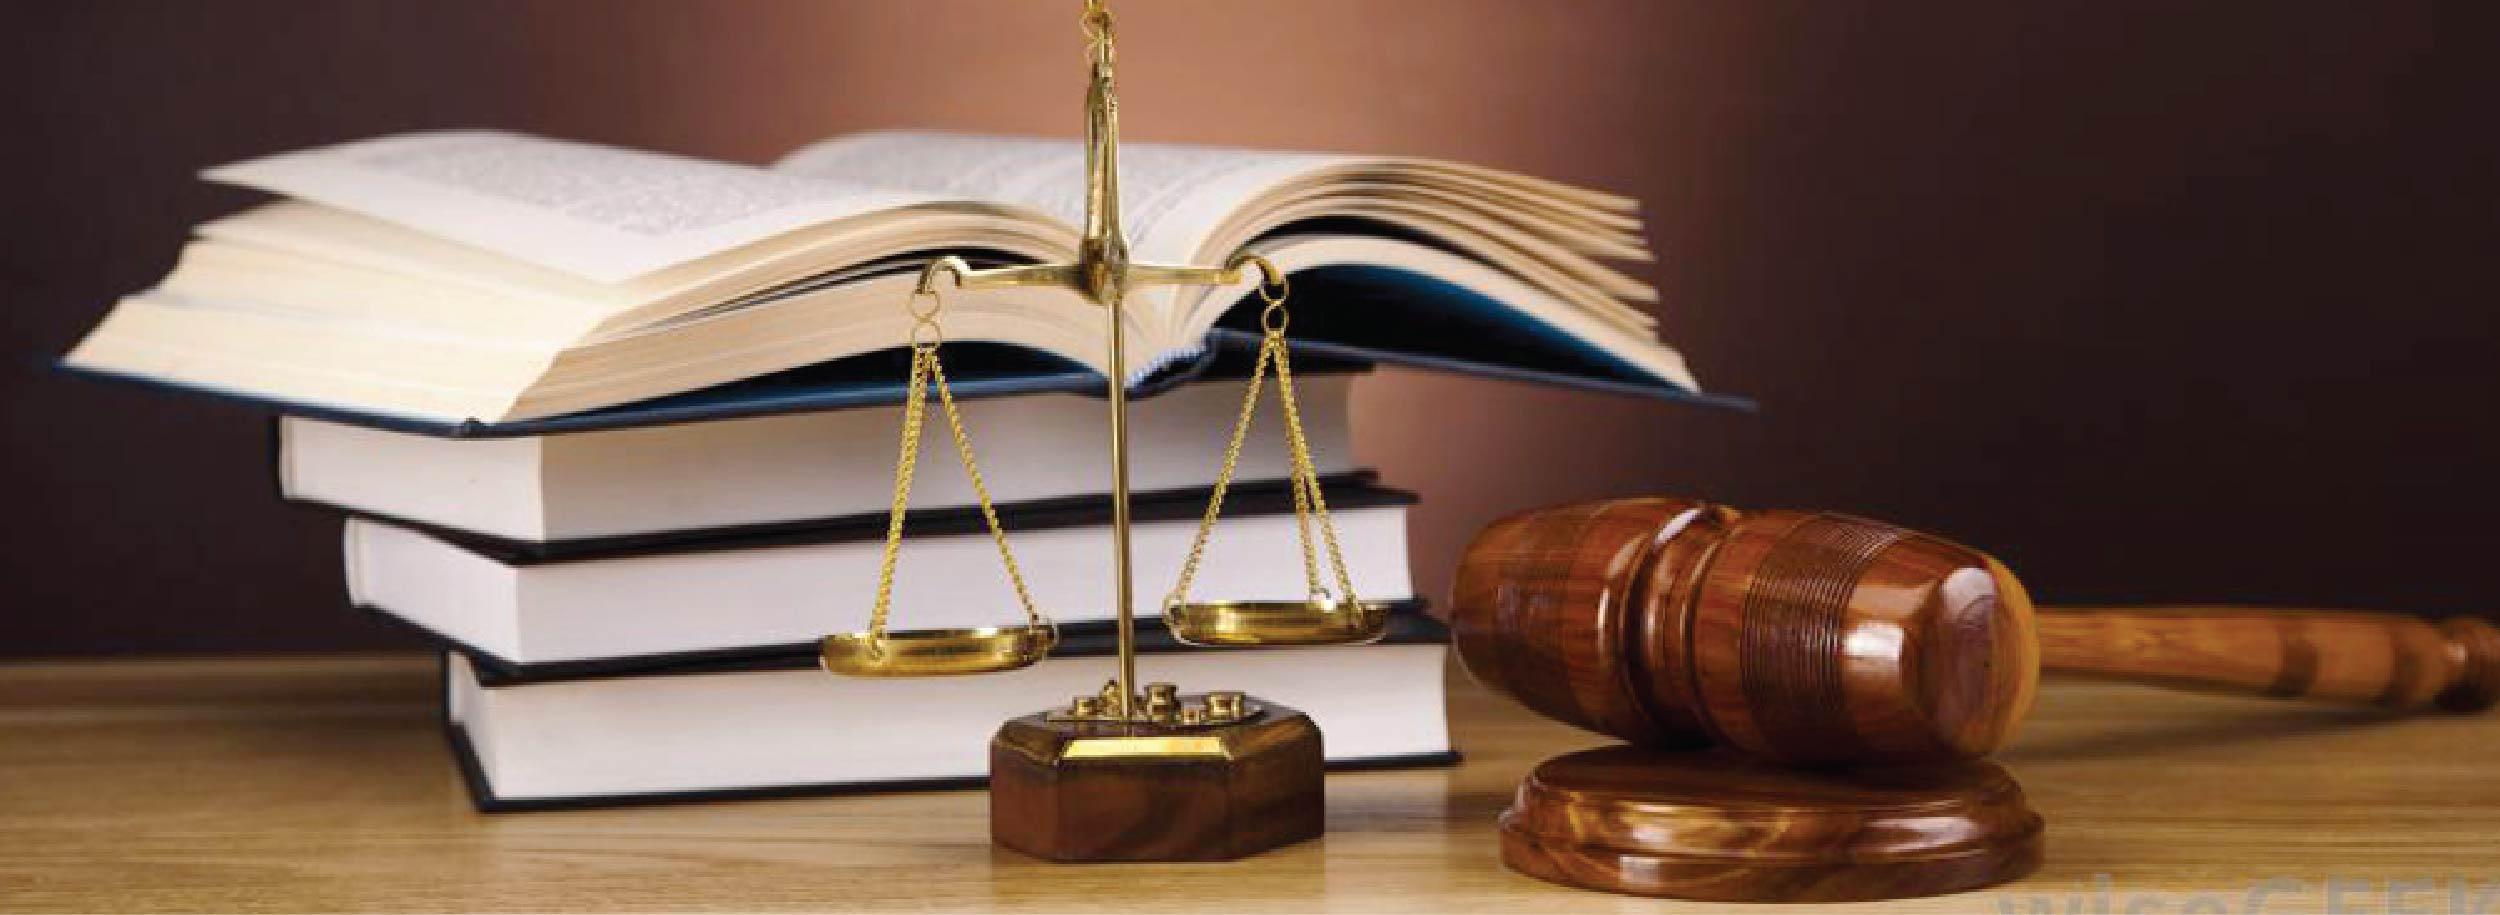 Legal Consulation